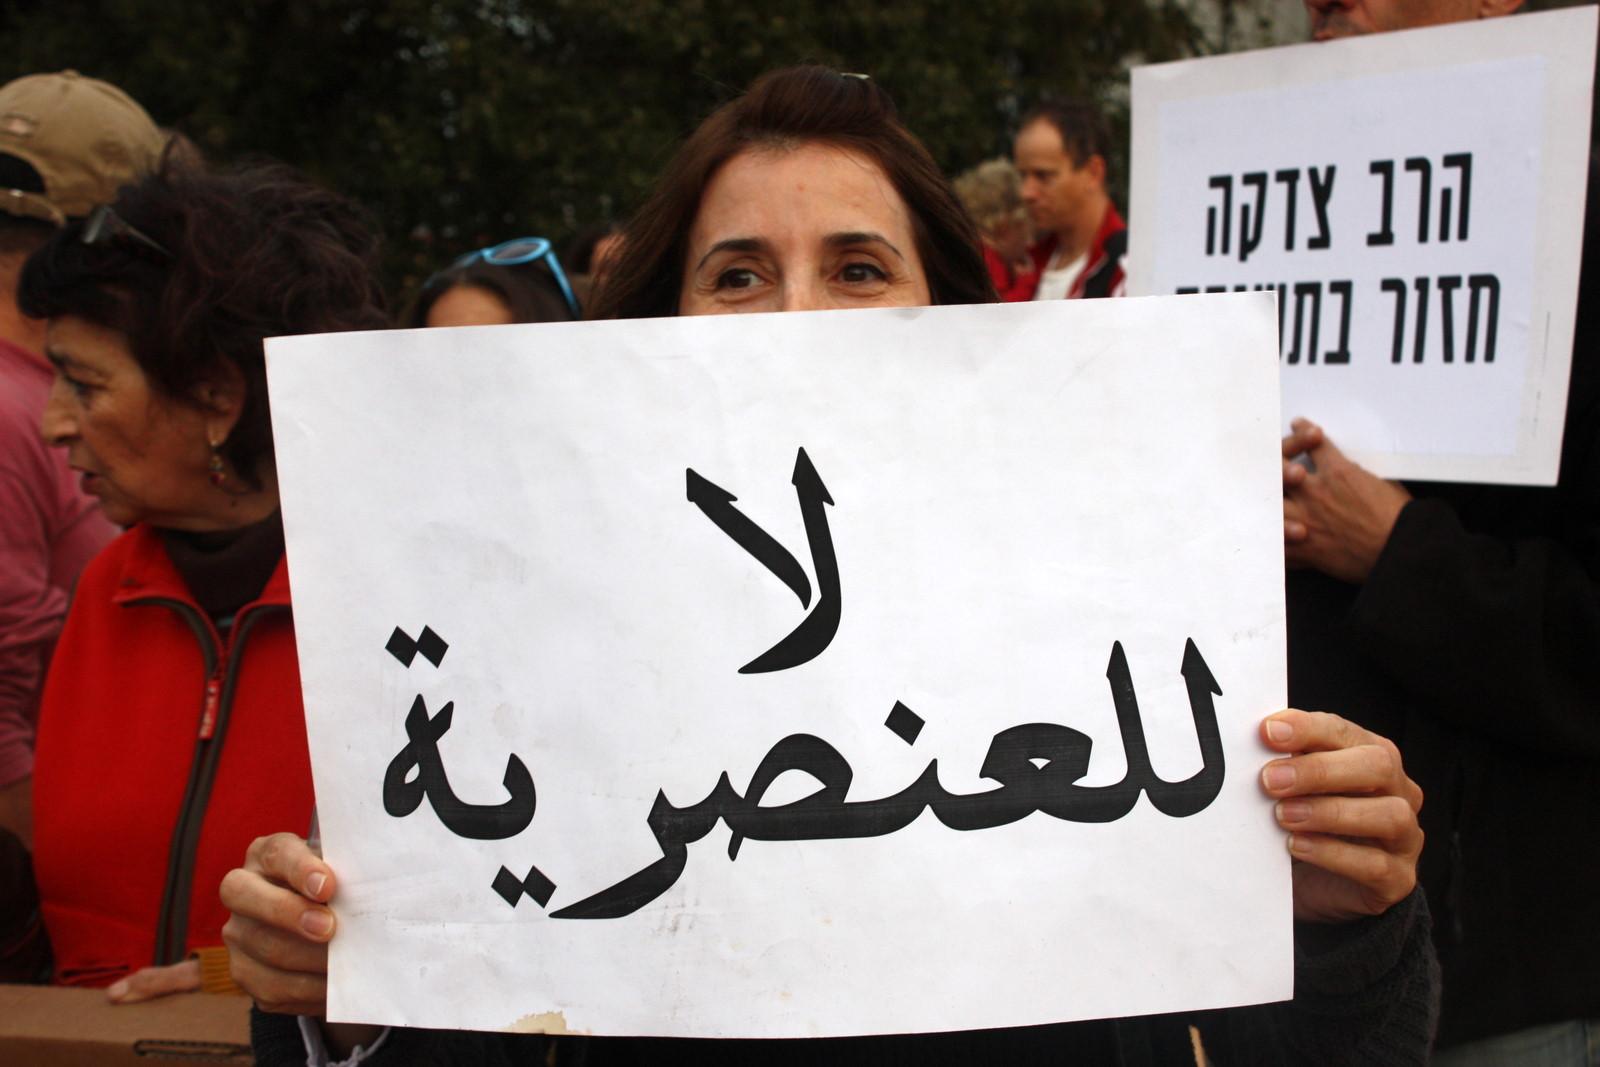 """""""حقوق المواطن"""" تطالب المعارف بخطّة تعليمّية شاملة ضدّ العنصرّية"""